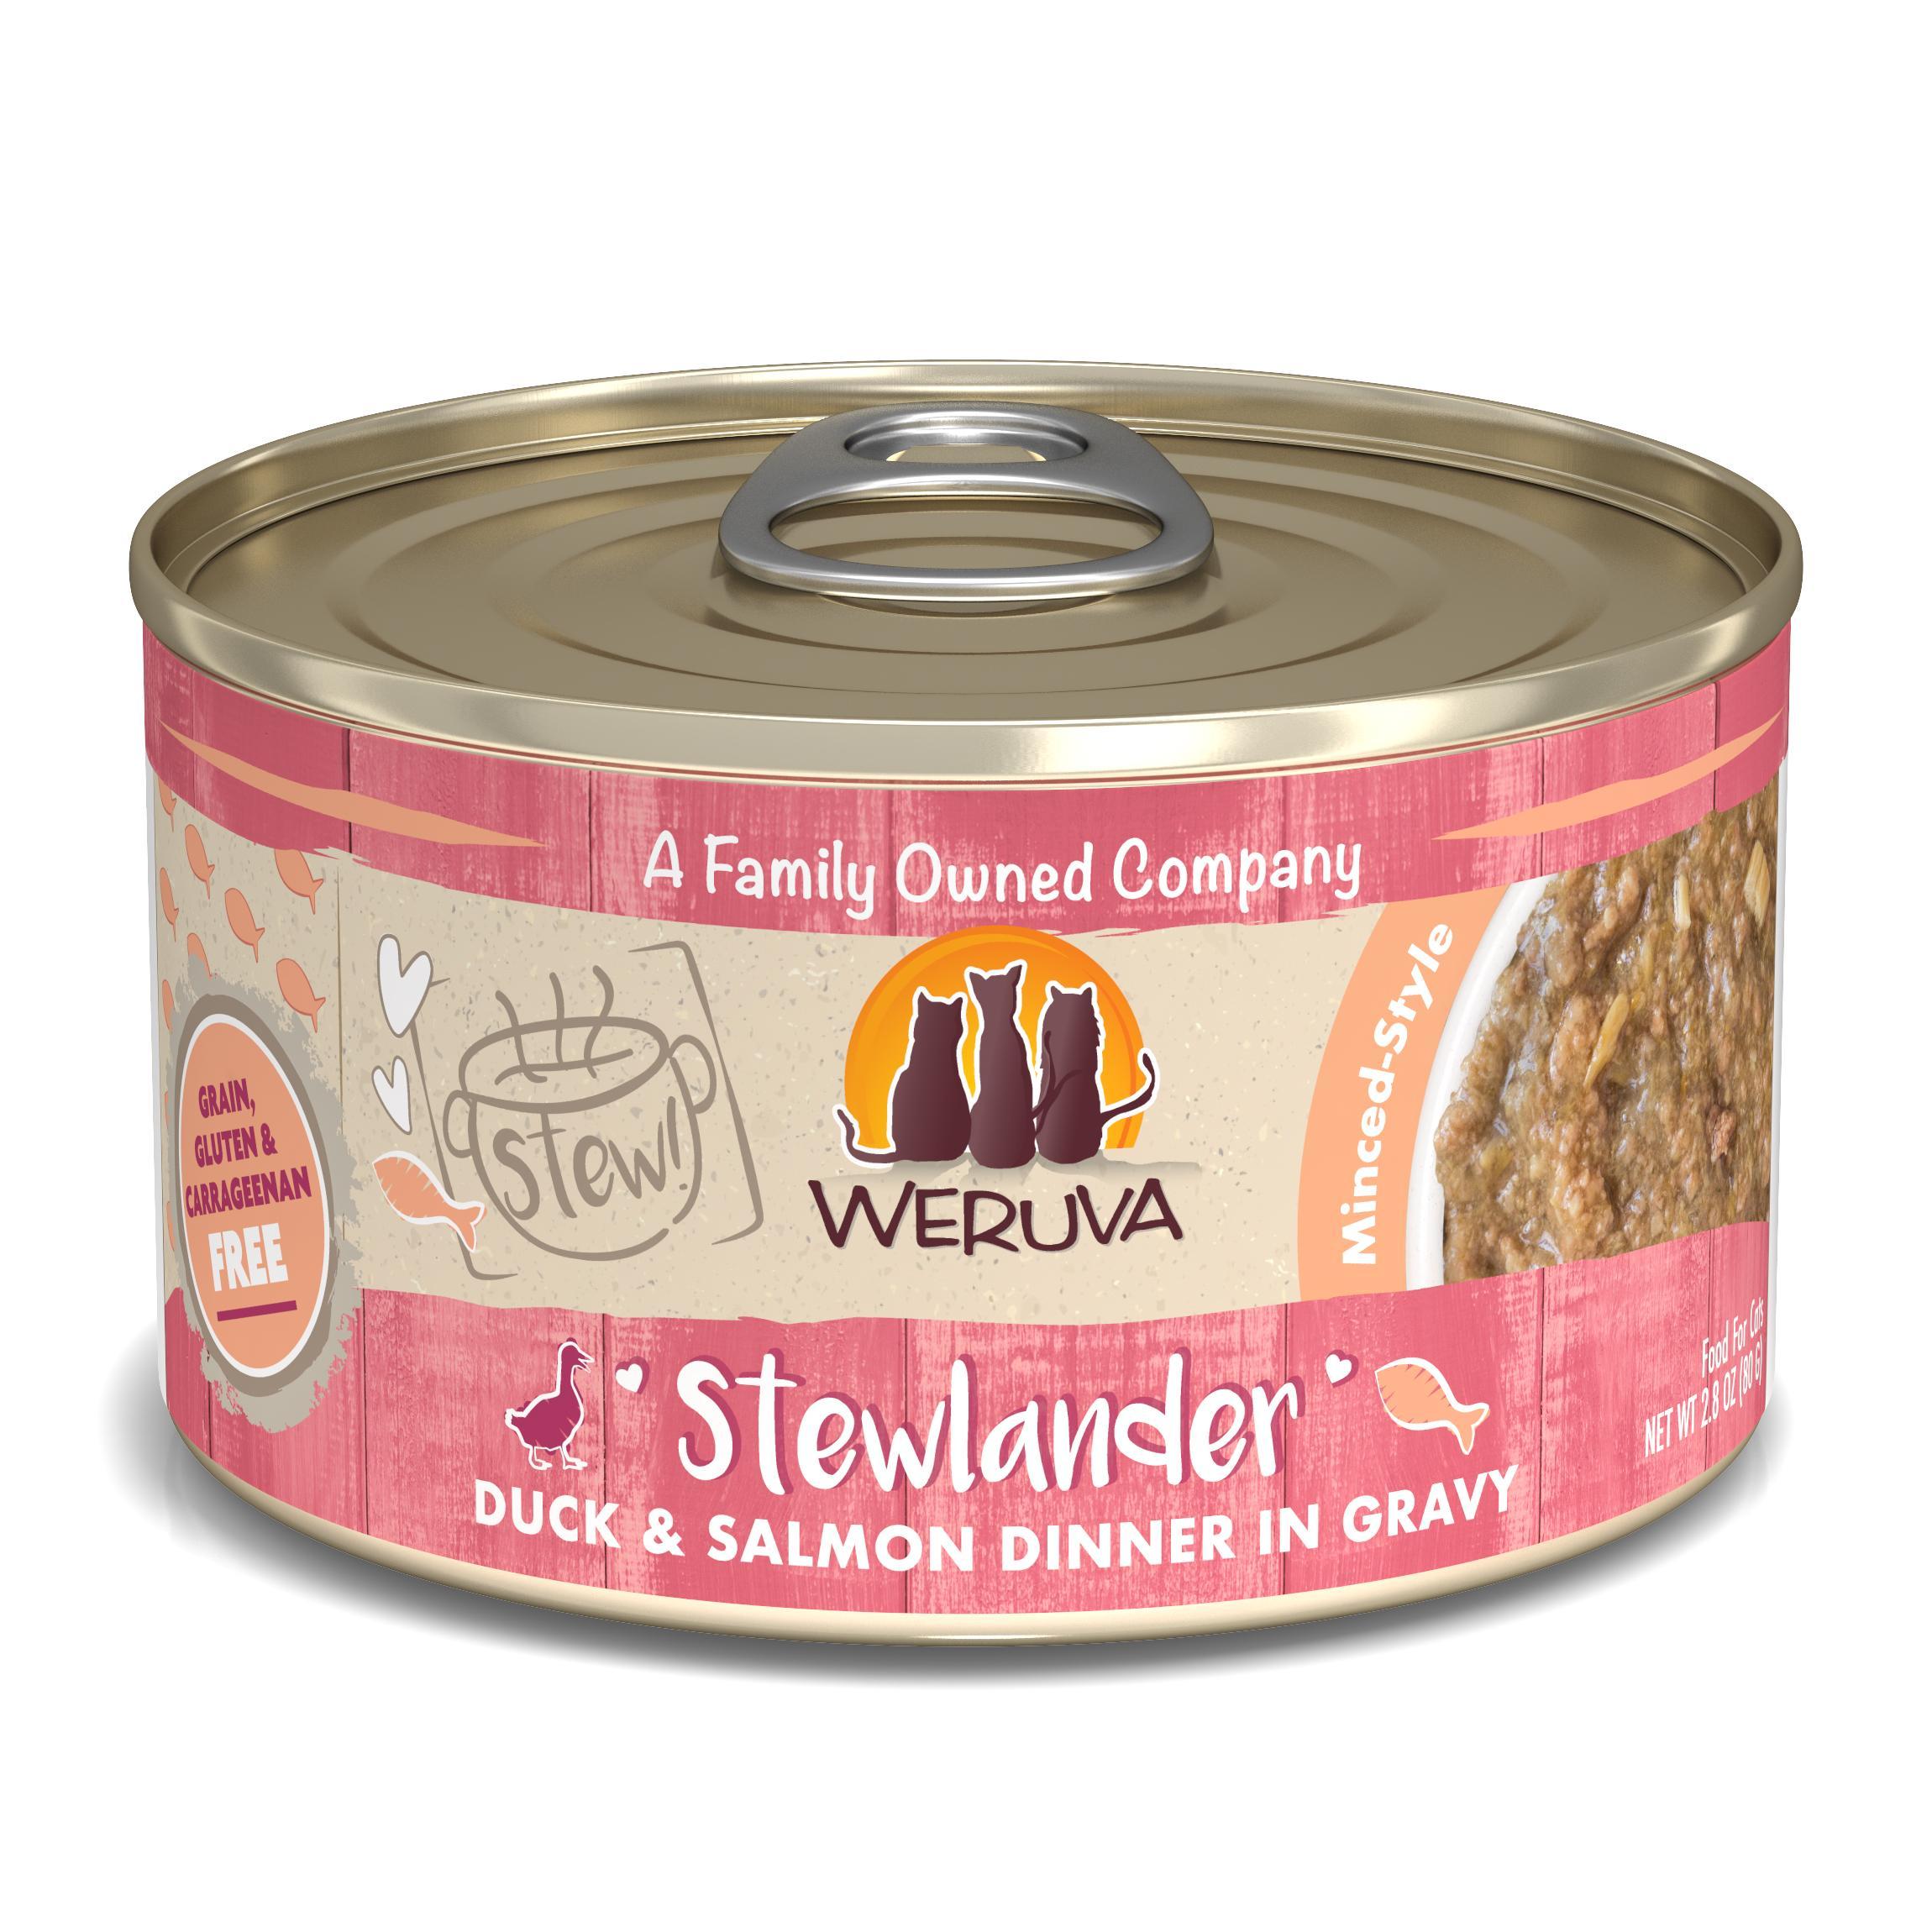 Weruva Cat Stew! Stewlander Duck & Salmon Dinner in Gravy Wet Cat Food, 2.8-oz